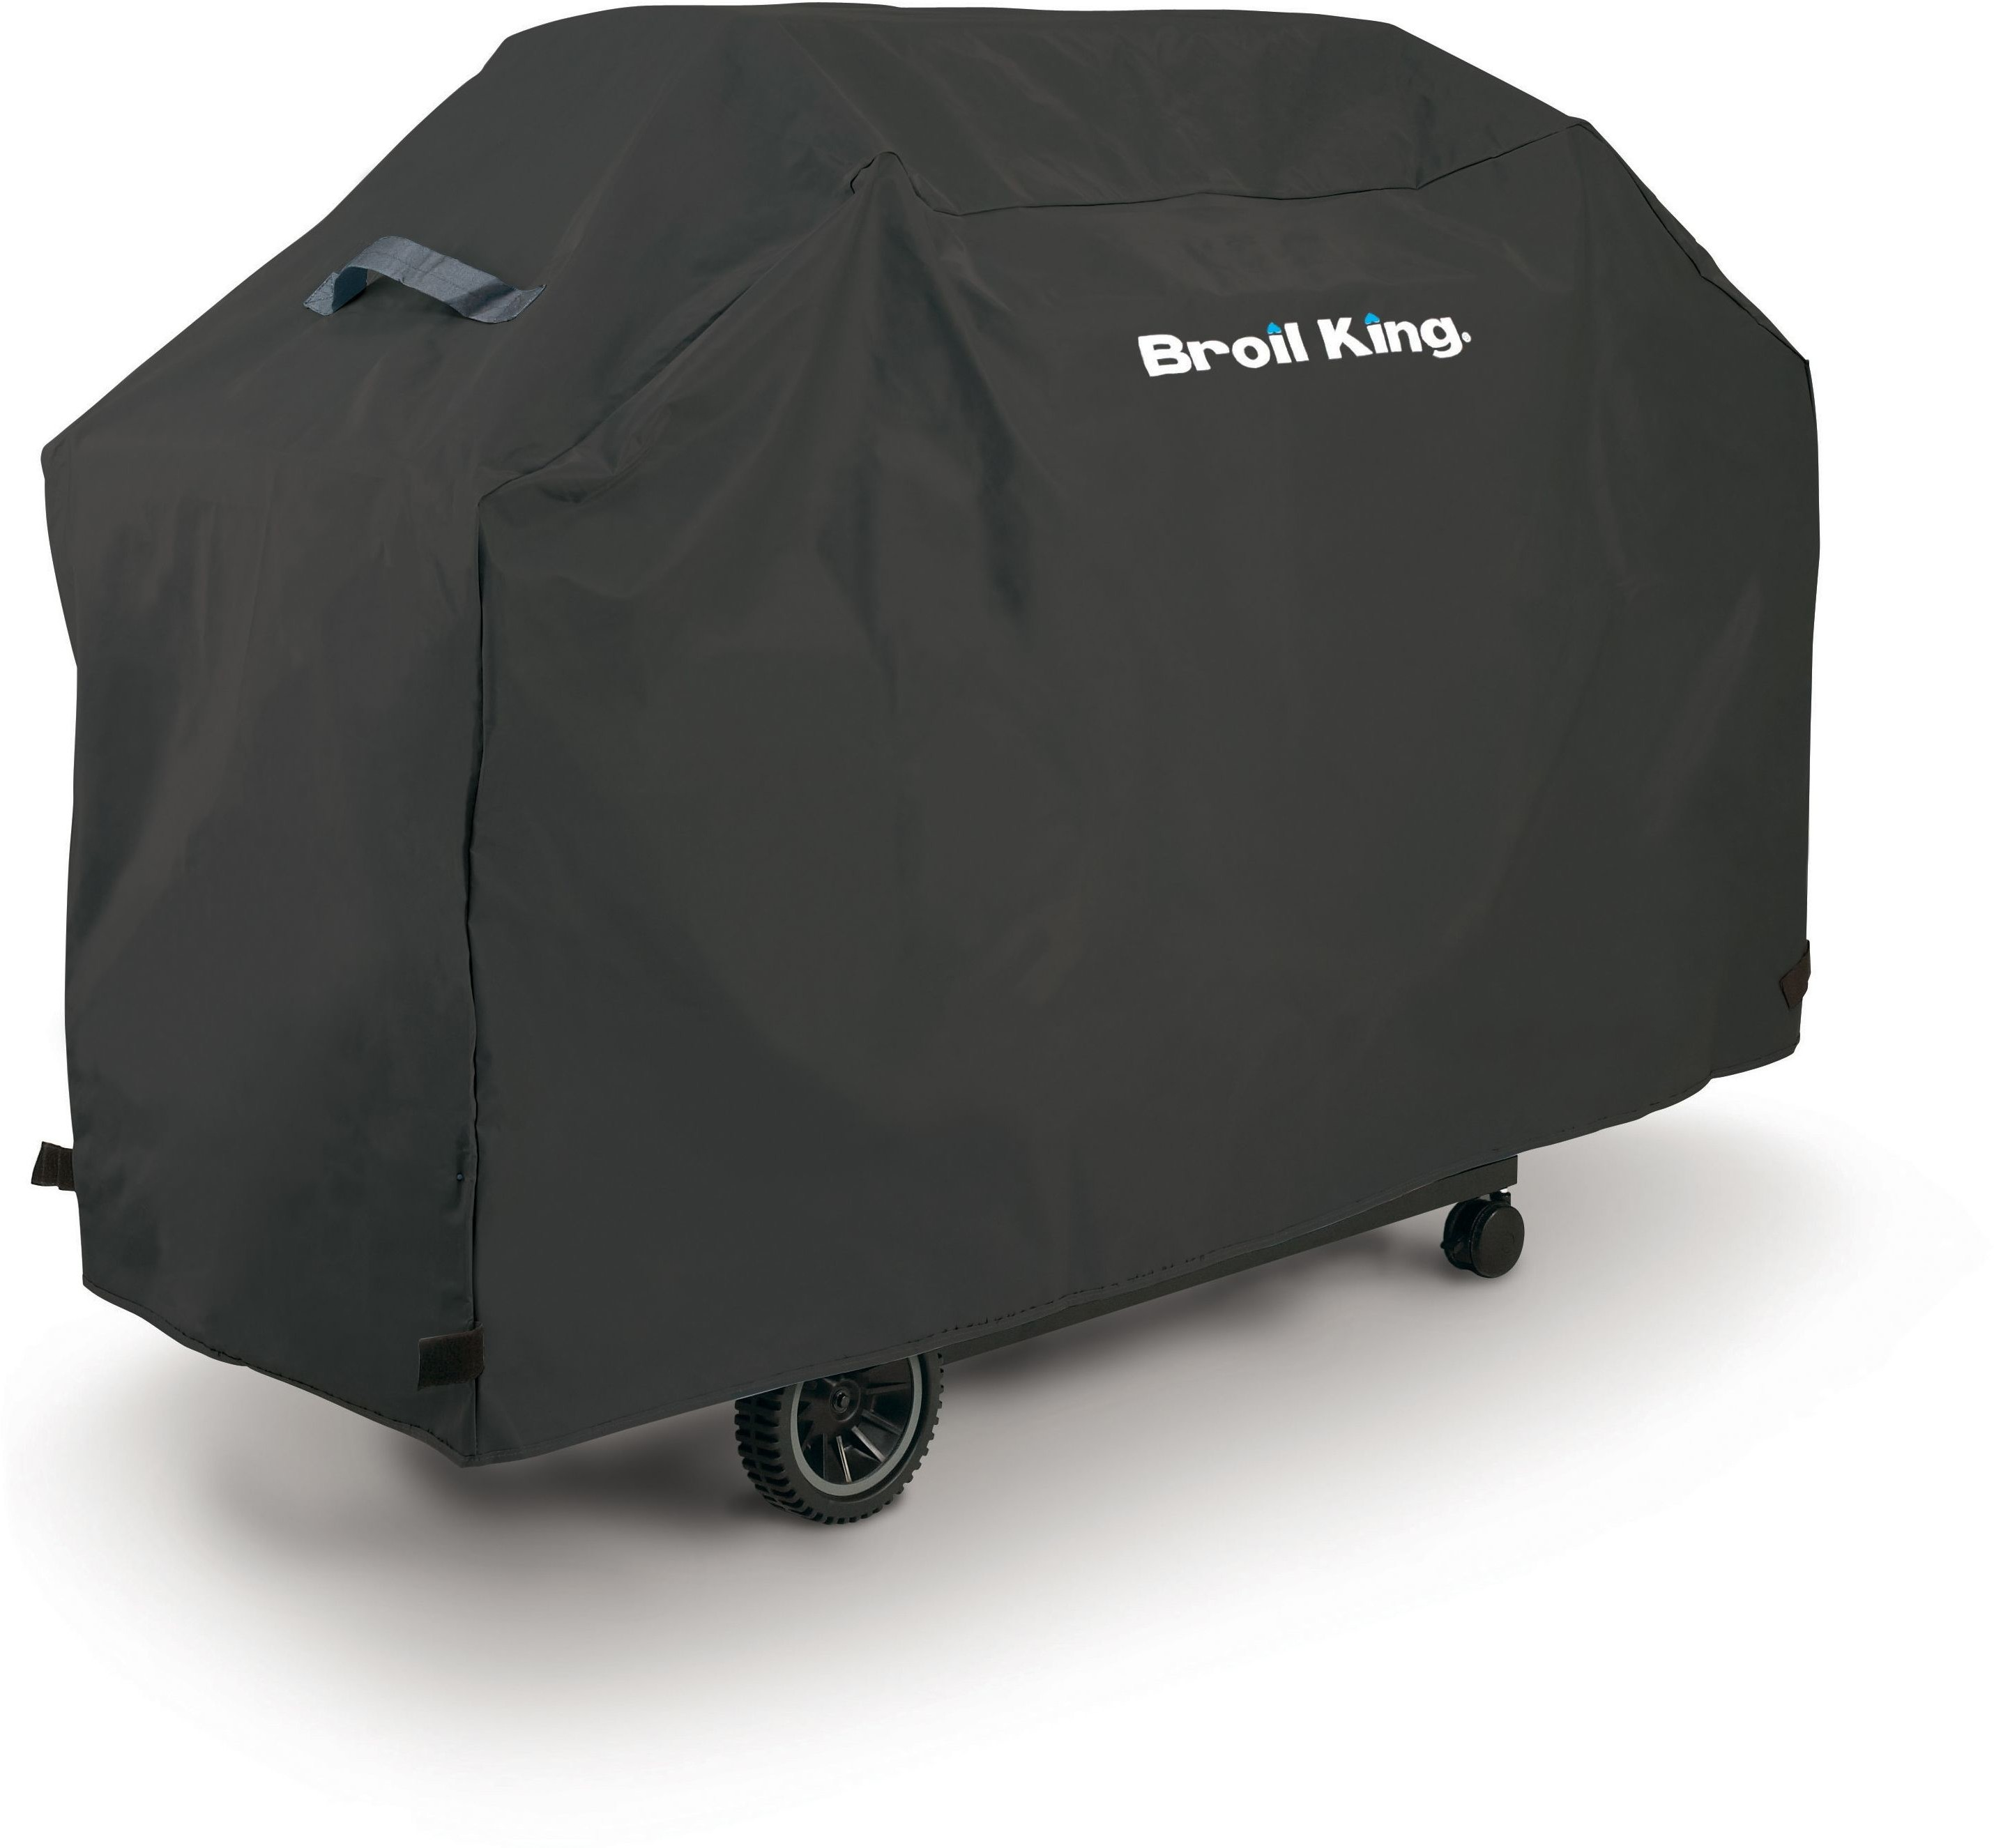 Broil king Pokrowiec Select Baron590 Signet40,90 Crown590 67488